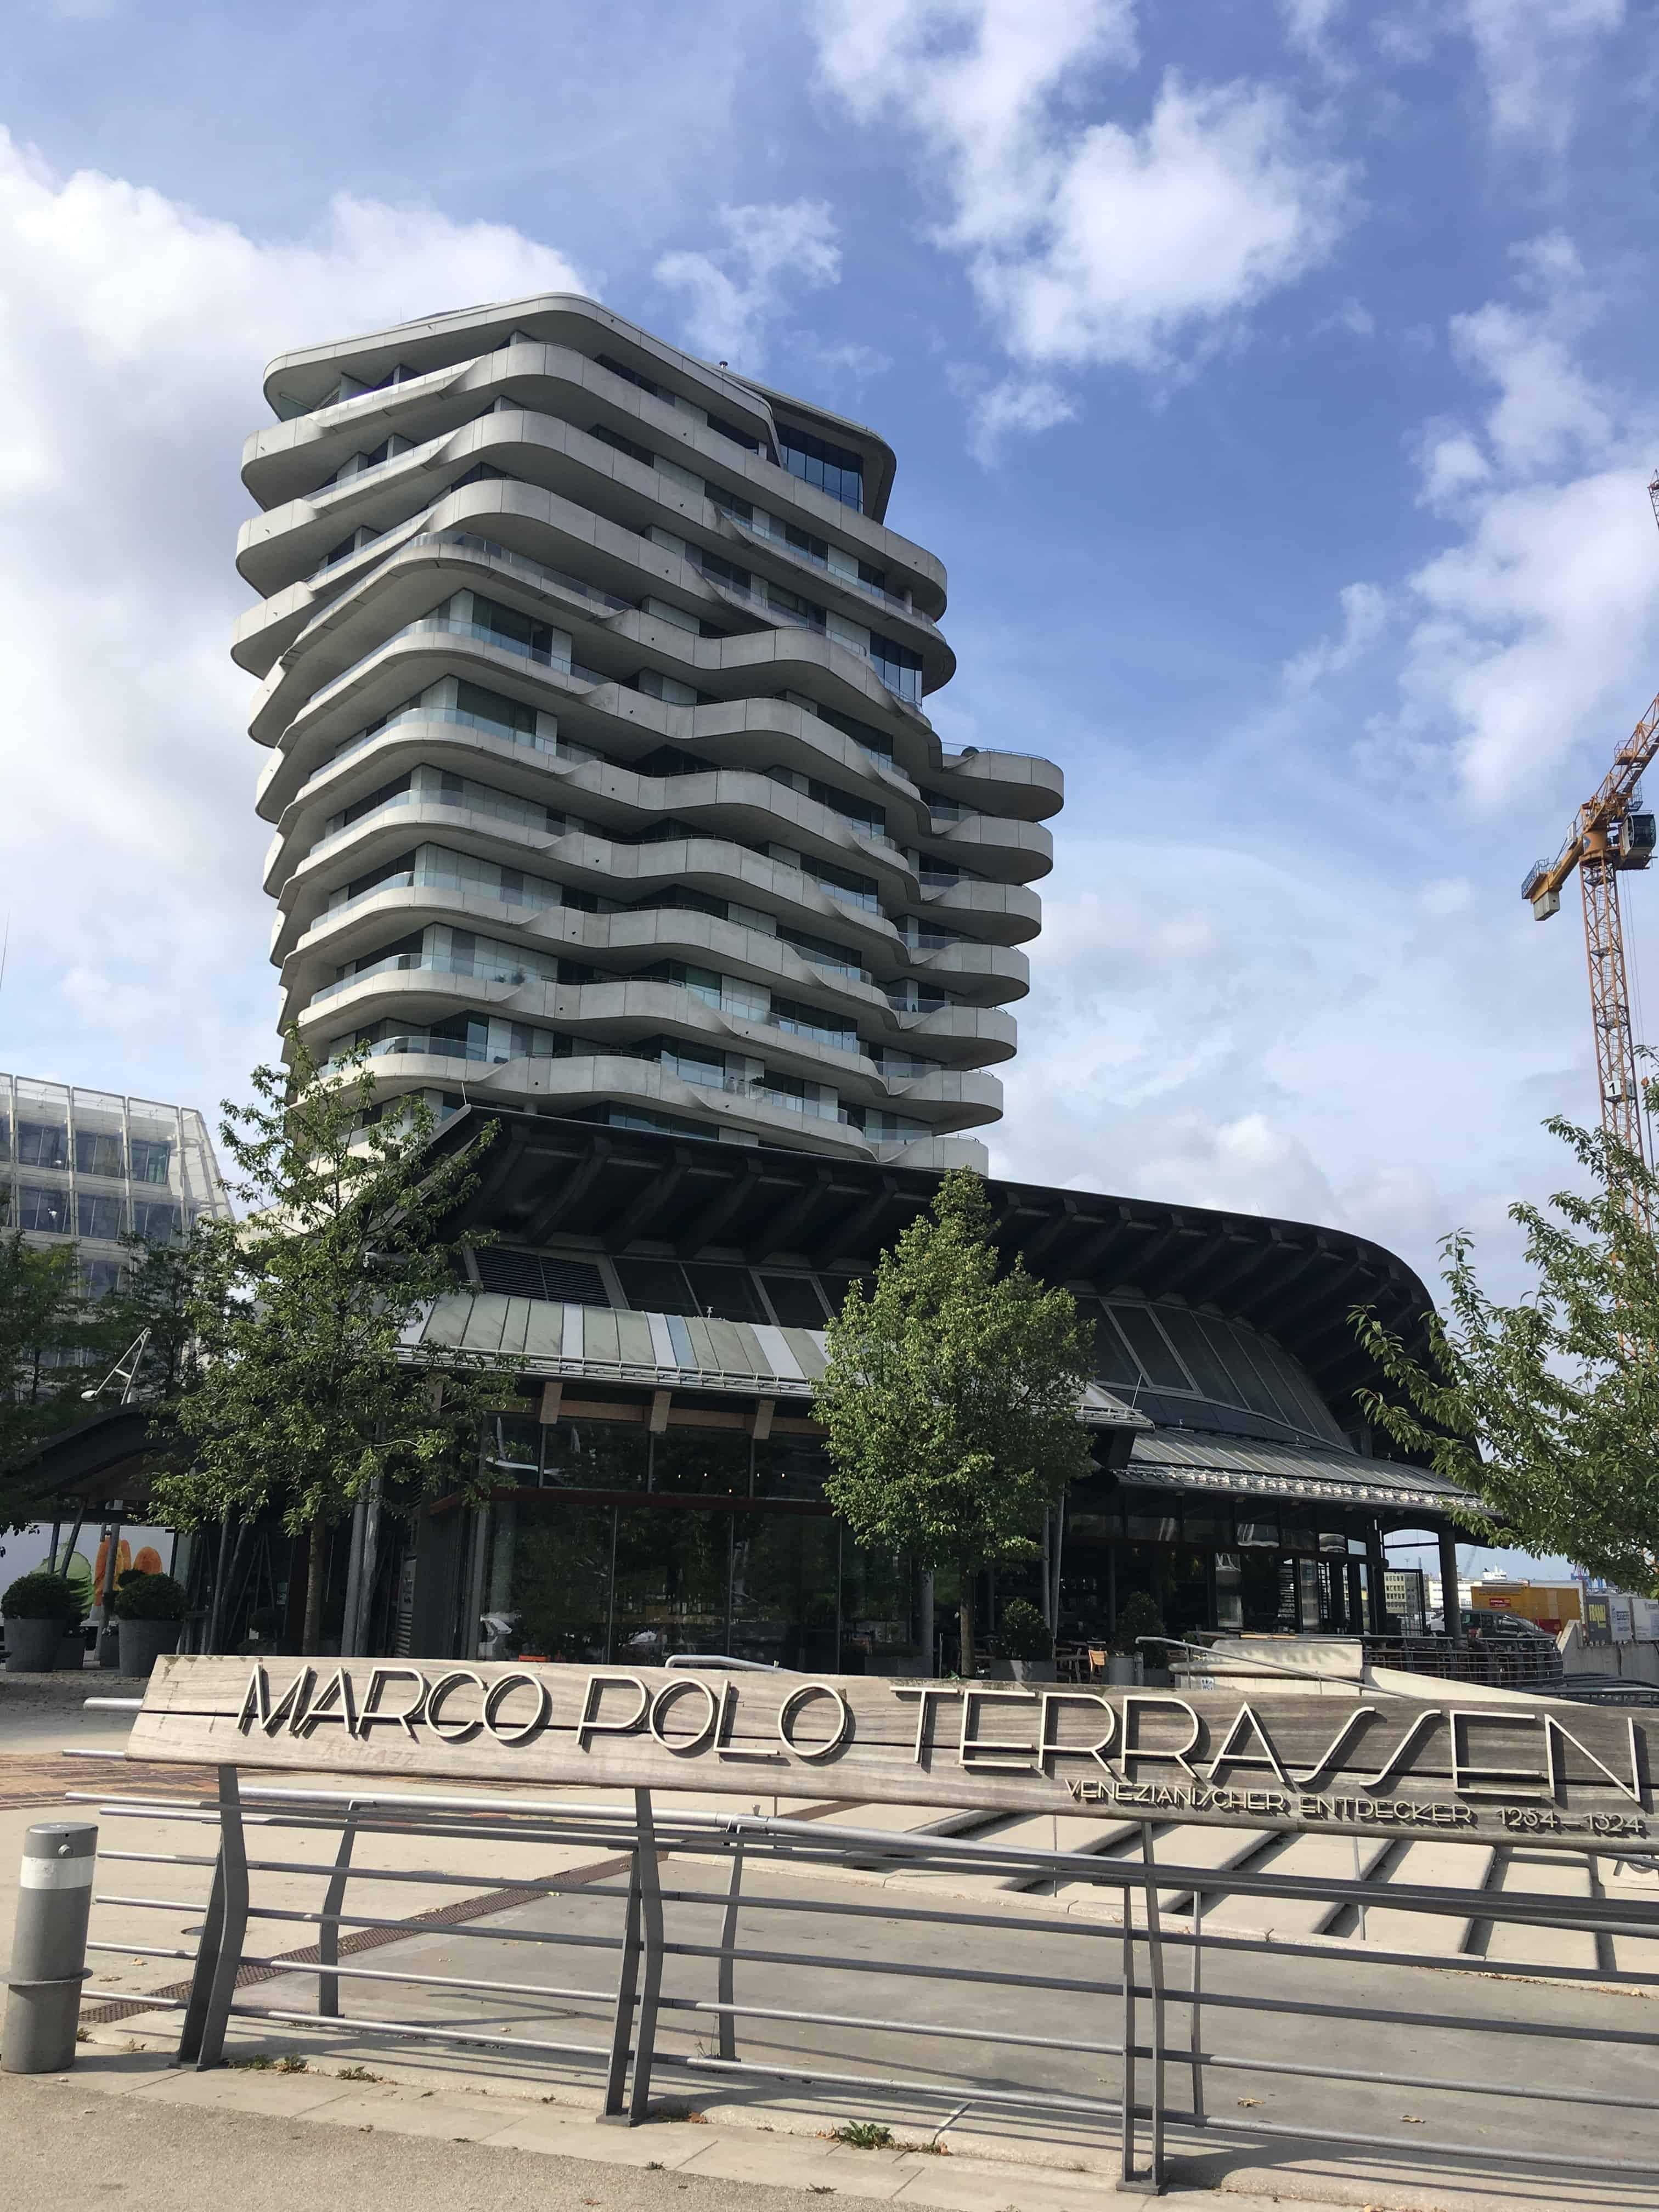 En af de dyrere adresser i Hamburg er Marco Polo bygningen